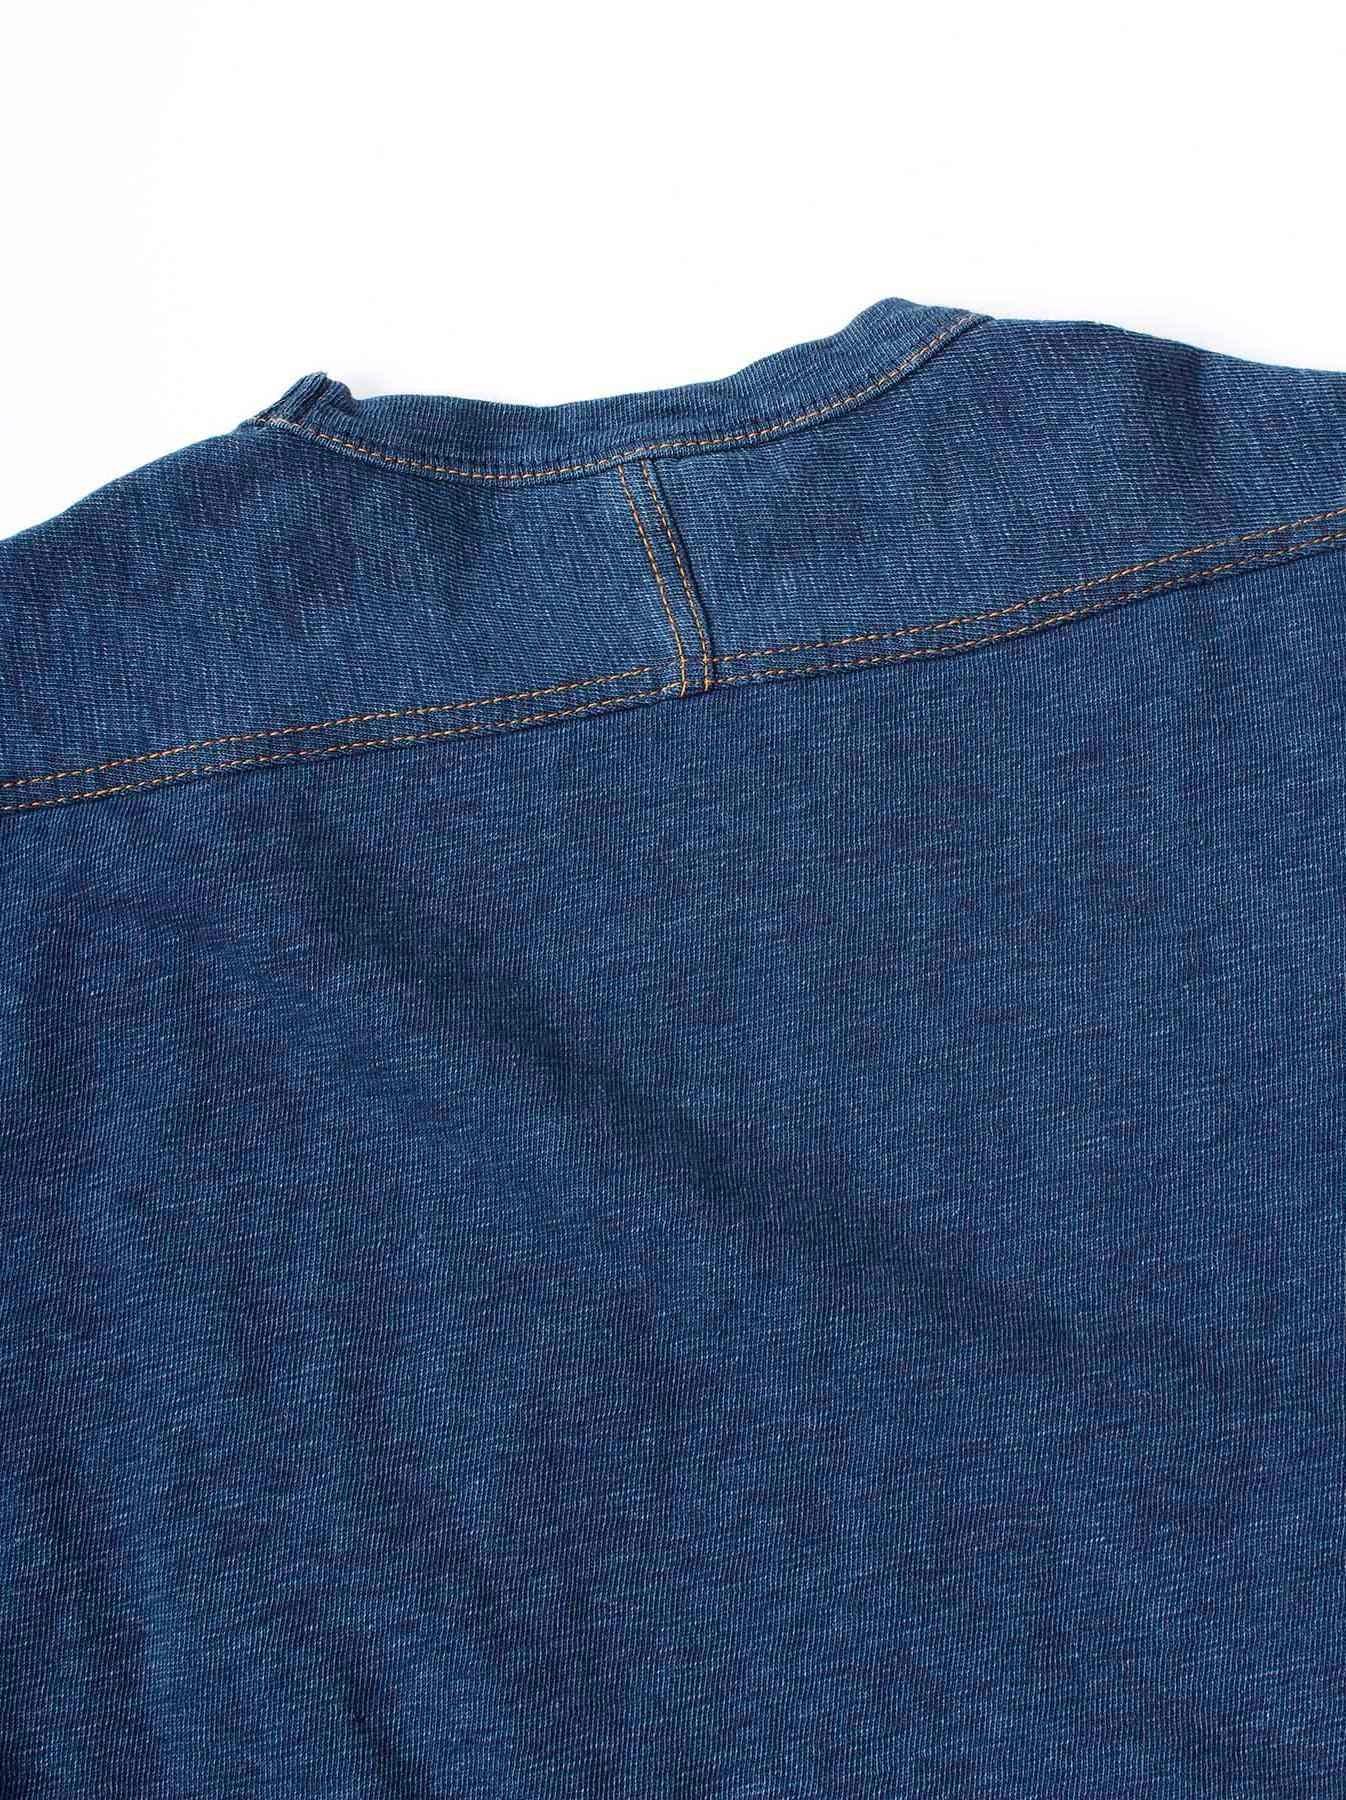 WH Indigo Plating Tenjiku T-shirt Distressed-10